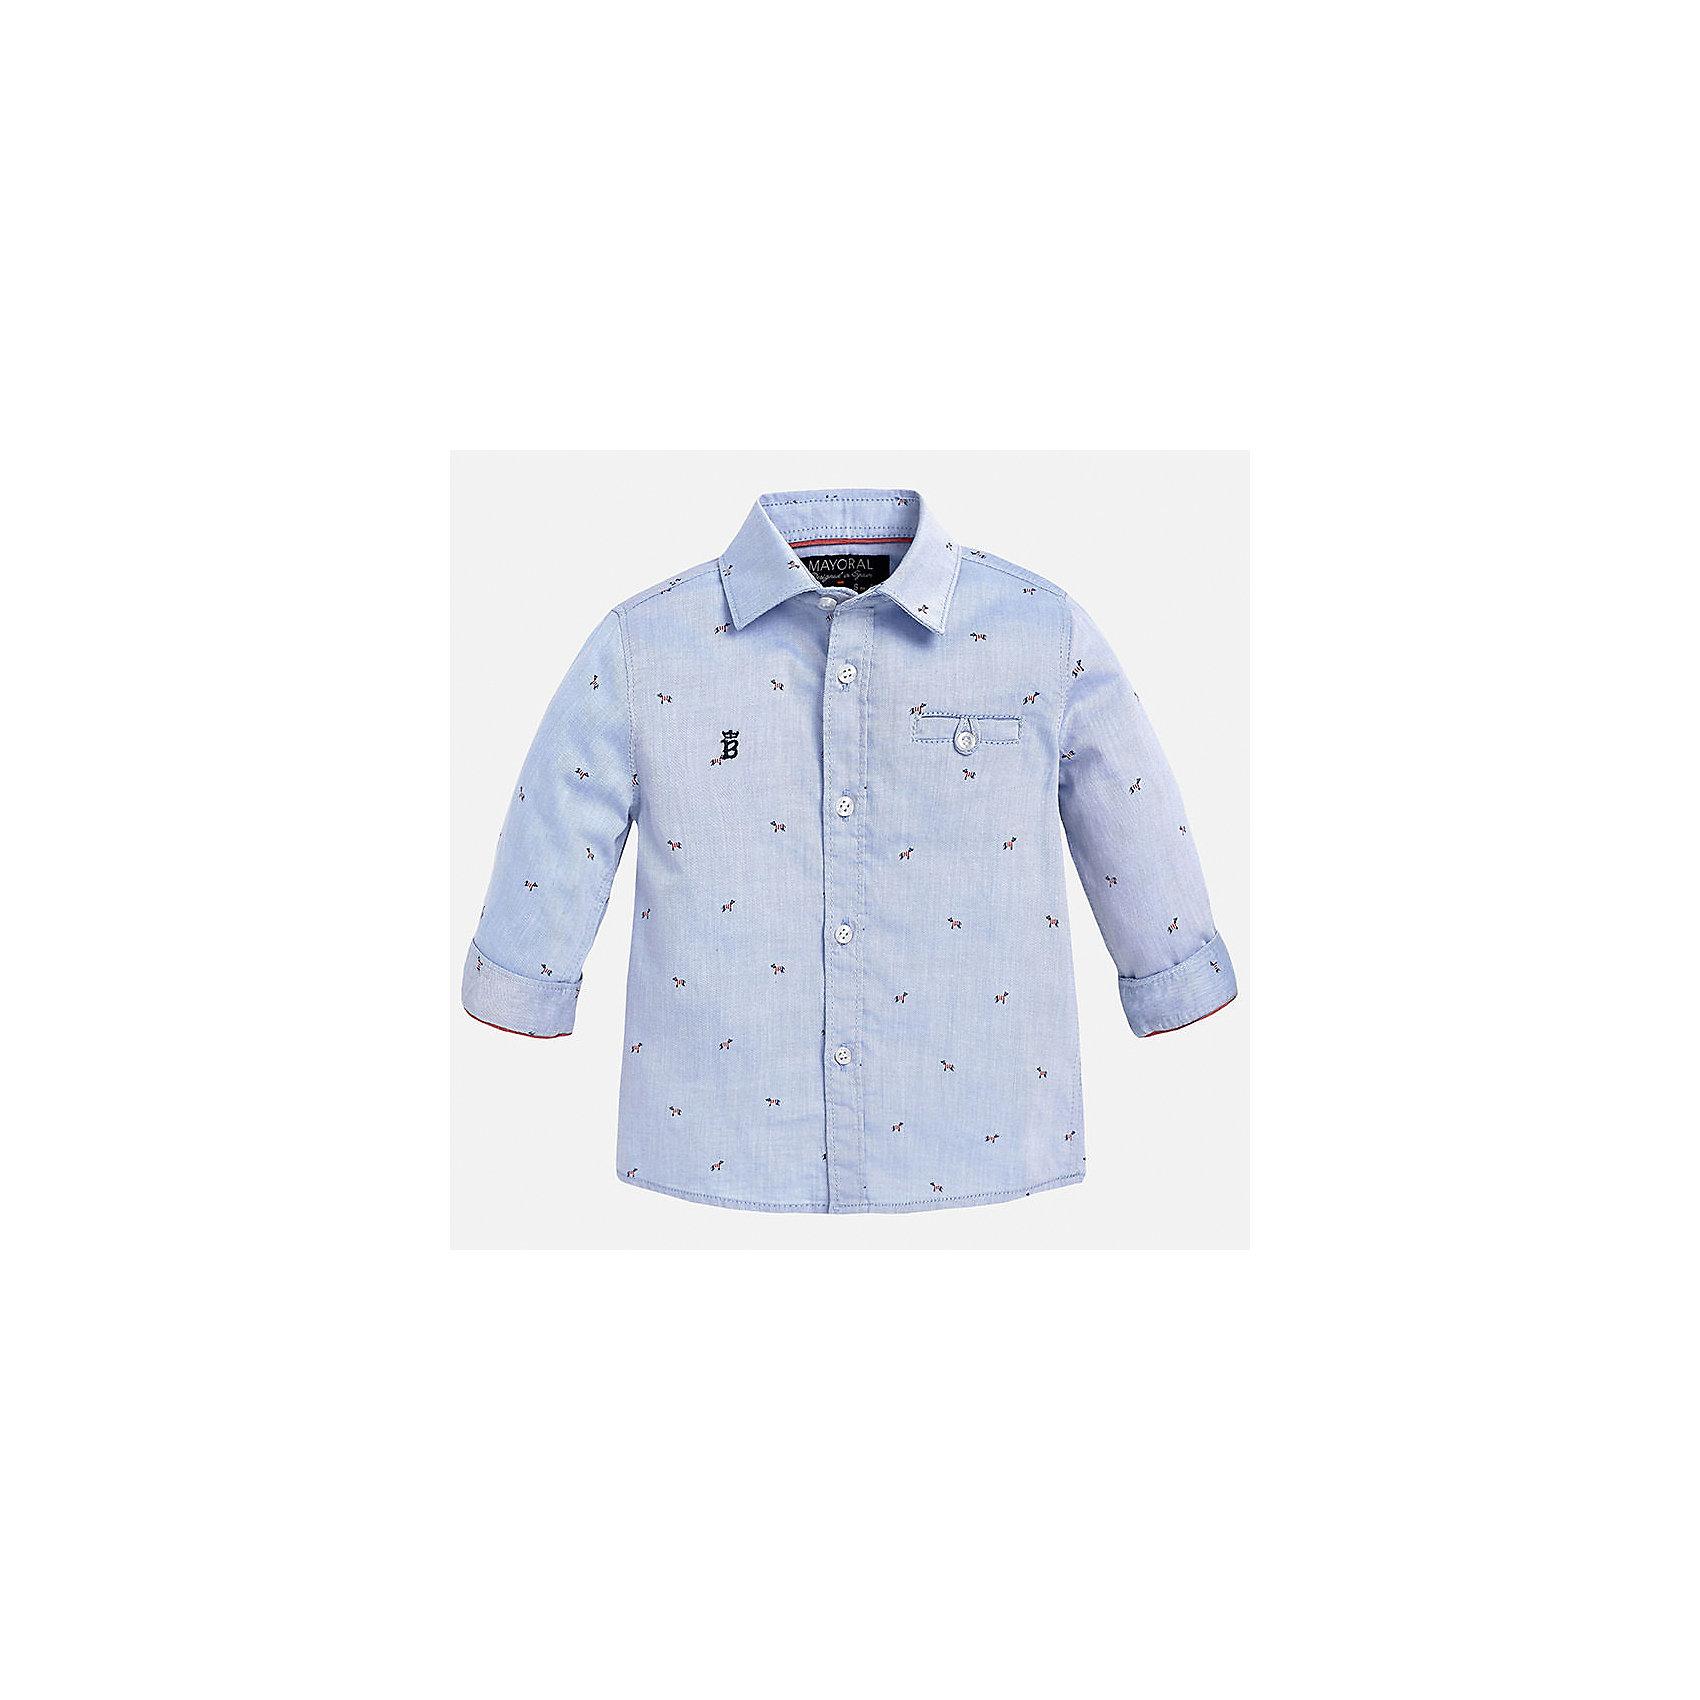 Рубашка для мальчика MayoralРубашка для мальчика от известного испанского бренда Mayoral. Модель из 100% хлопка с ненавязчивым узором. На груди вышит декоративный карман. Отлично сочетается и с брюками, и с джинсами.<br>Дополнительная информация:<br>-прямой силуэт<br>-укороченные рукава<br>-декоративный карман и небольшая эмблема на груди<br>-застегивается на пуговицы<br>-цвет: голубой<br>-состав: 100% хлопок<br>Рубашку Mayoral можно приобрести в нашем интернет-магазине.<br><br>Ширина мм: 174<br>Глубина мм: 10<br>Высота мм: 169<br>Вес г: 157<br>Цвет: голубой<br>Возраст от месяцев: 12<br>Возраст до месяцев: 15<br>Пол: Мужской<br>Возраст: Детский<br>Размер: 80,86,92<br>SKU: 4820593